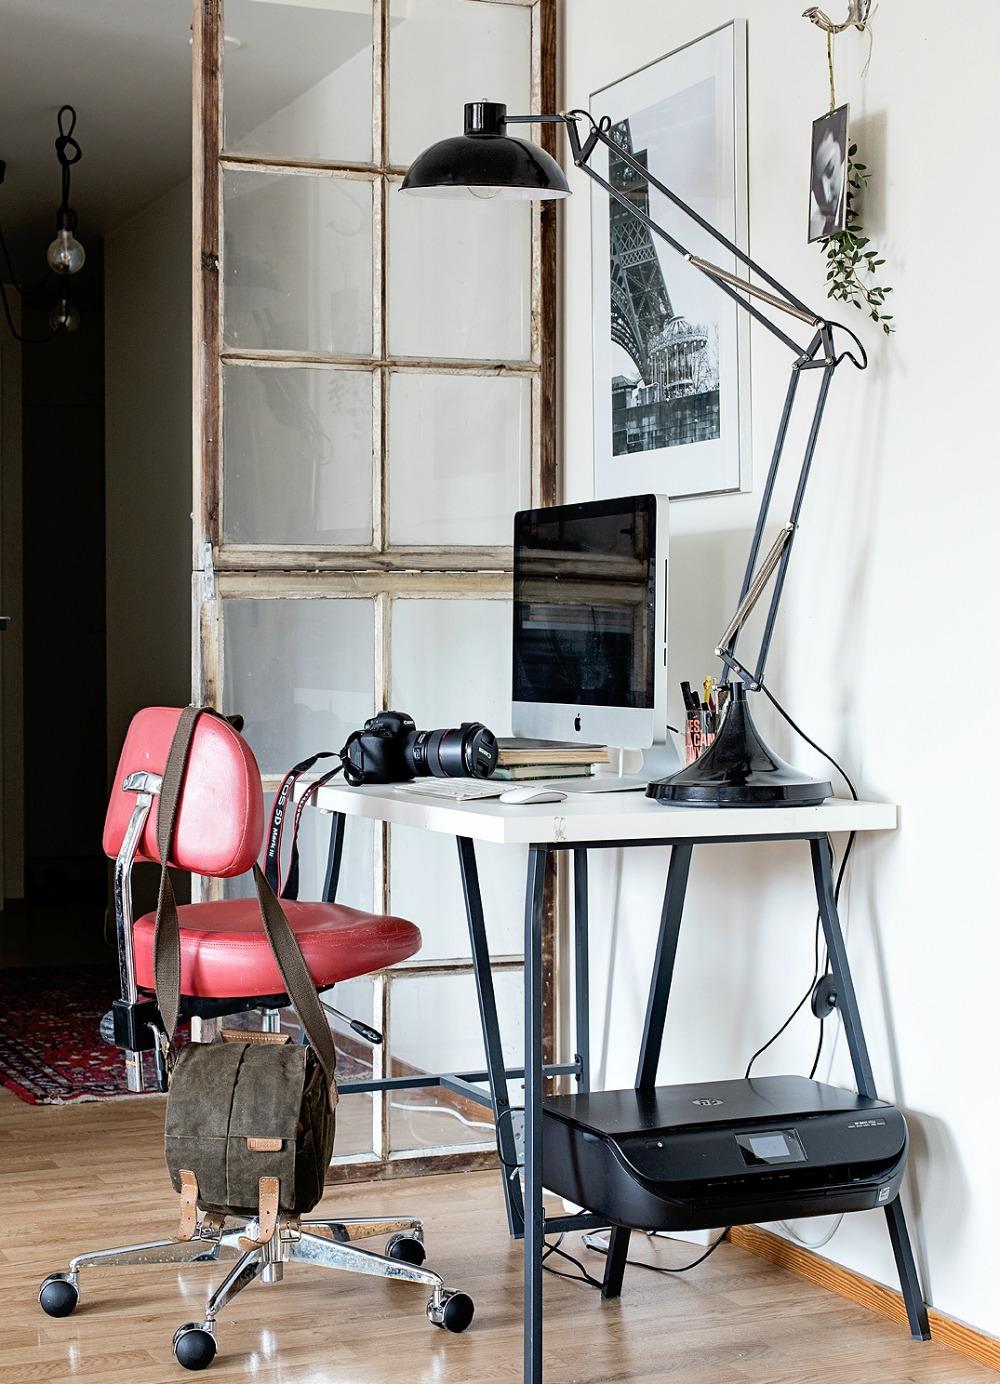 Työpiste, koti, sisustus, sisustaminen, työpöytä, valokuvaus, valokuvaaminen, tietokonepöytä, persoonallinen sisustus, interior design, workspace, home, Visualaddict, Koti kaupungin laidalla, Frida S Visuals, valokuvaaja, Frida Steiner